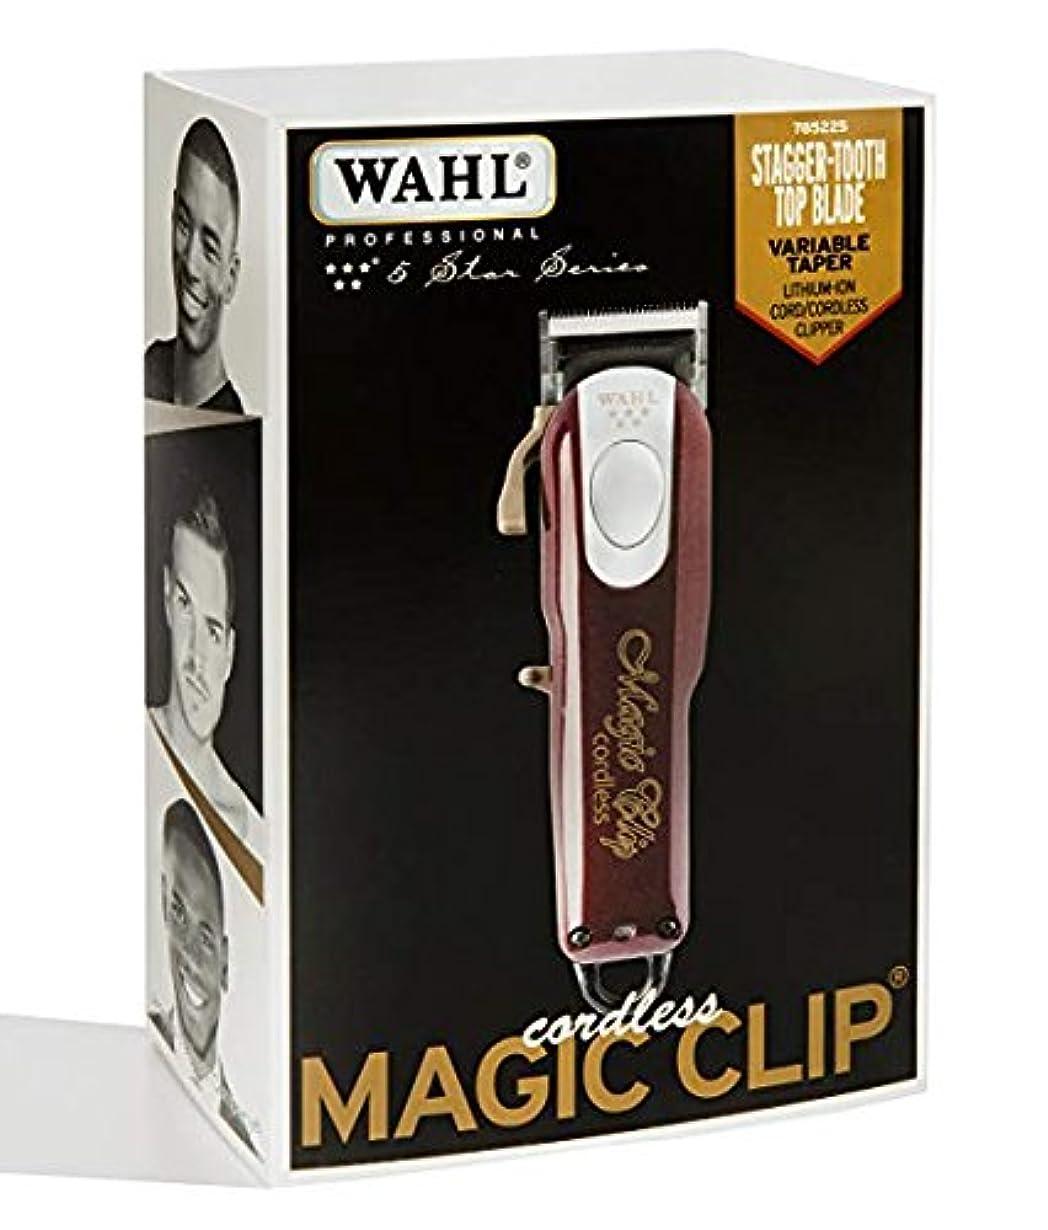 実施する十レモン[Wahl] [すばらしいです 専用 理髪店とスタイリスト - 90分以上の実行時間 / Professional 5-Star Cord/Cordless Magic Clip #8148] (並行輸入品)